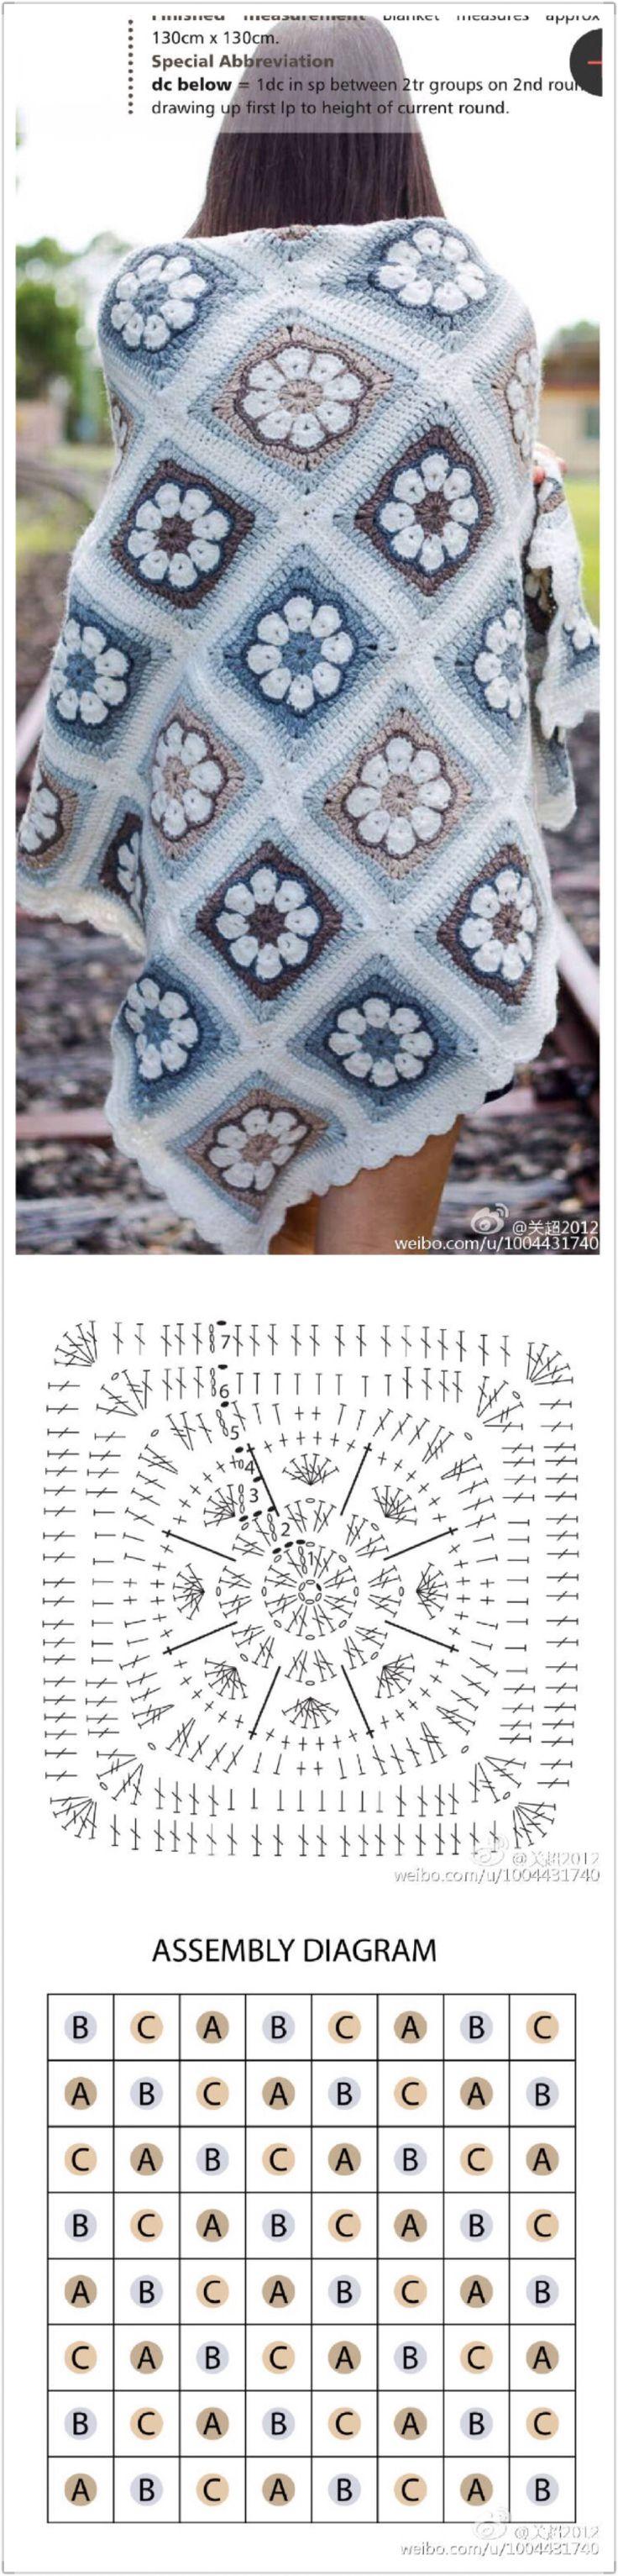 296 best Hekleruter images on Pinterest | Crochet patterns, Crochet ...